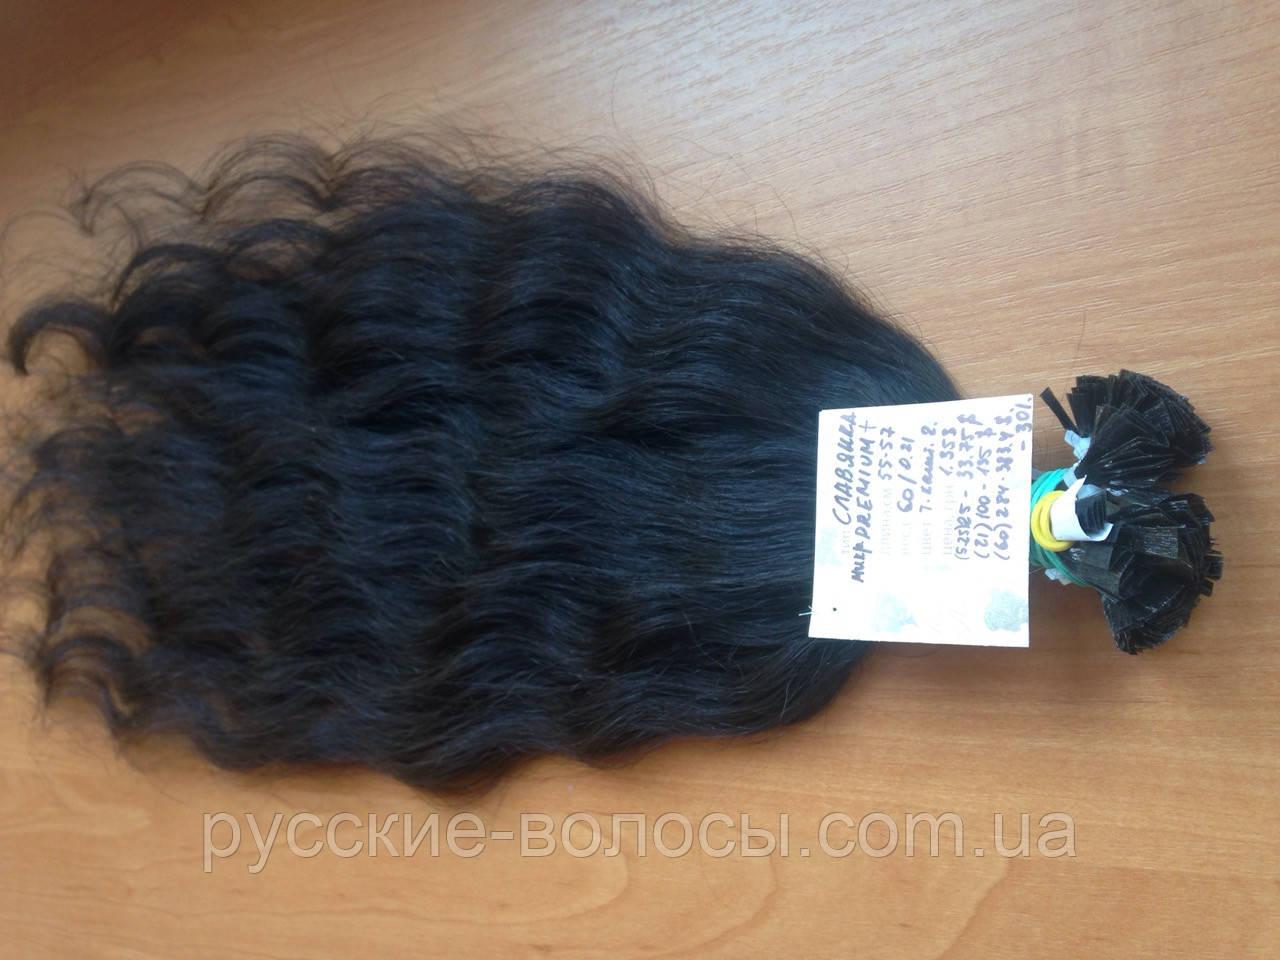 Волосся слов'янські на капсулах